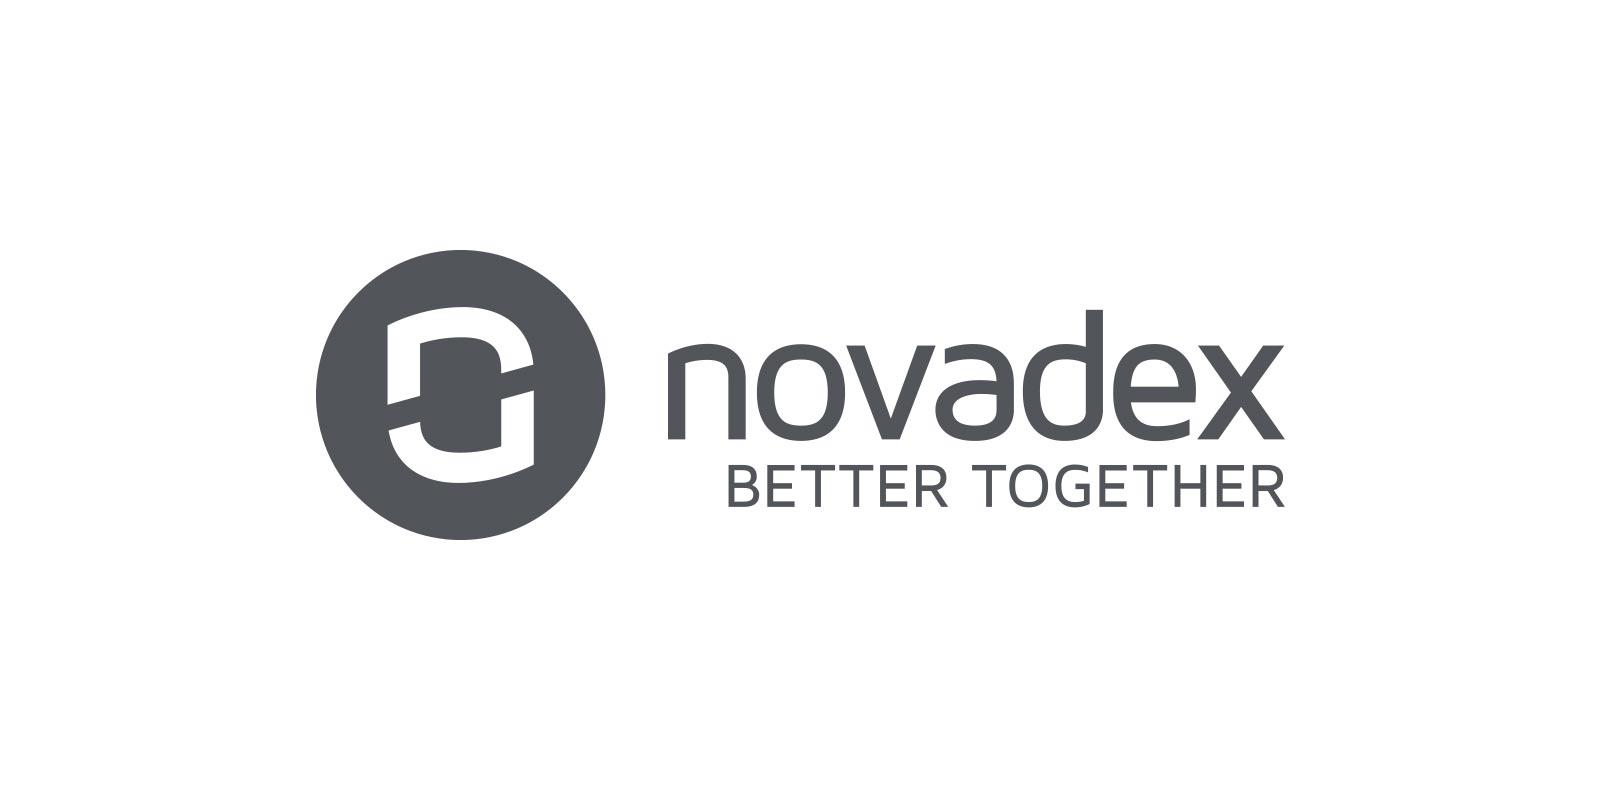 Firmenlogo novadex